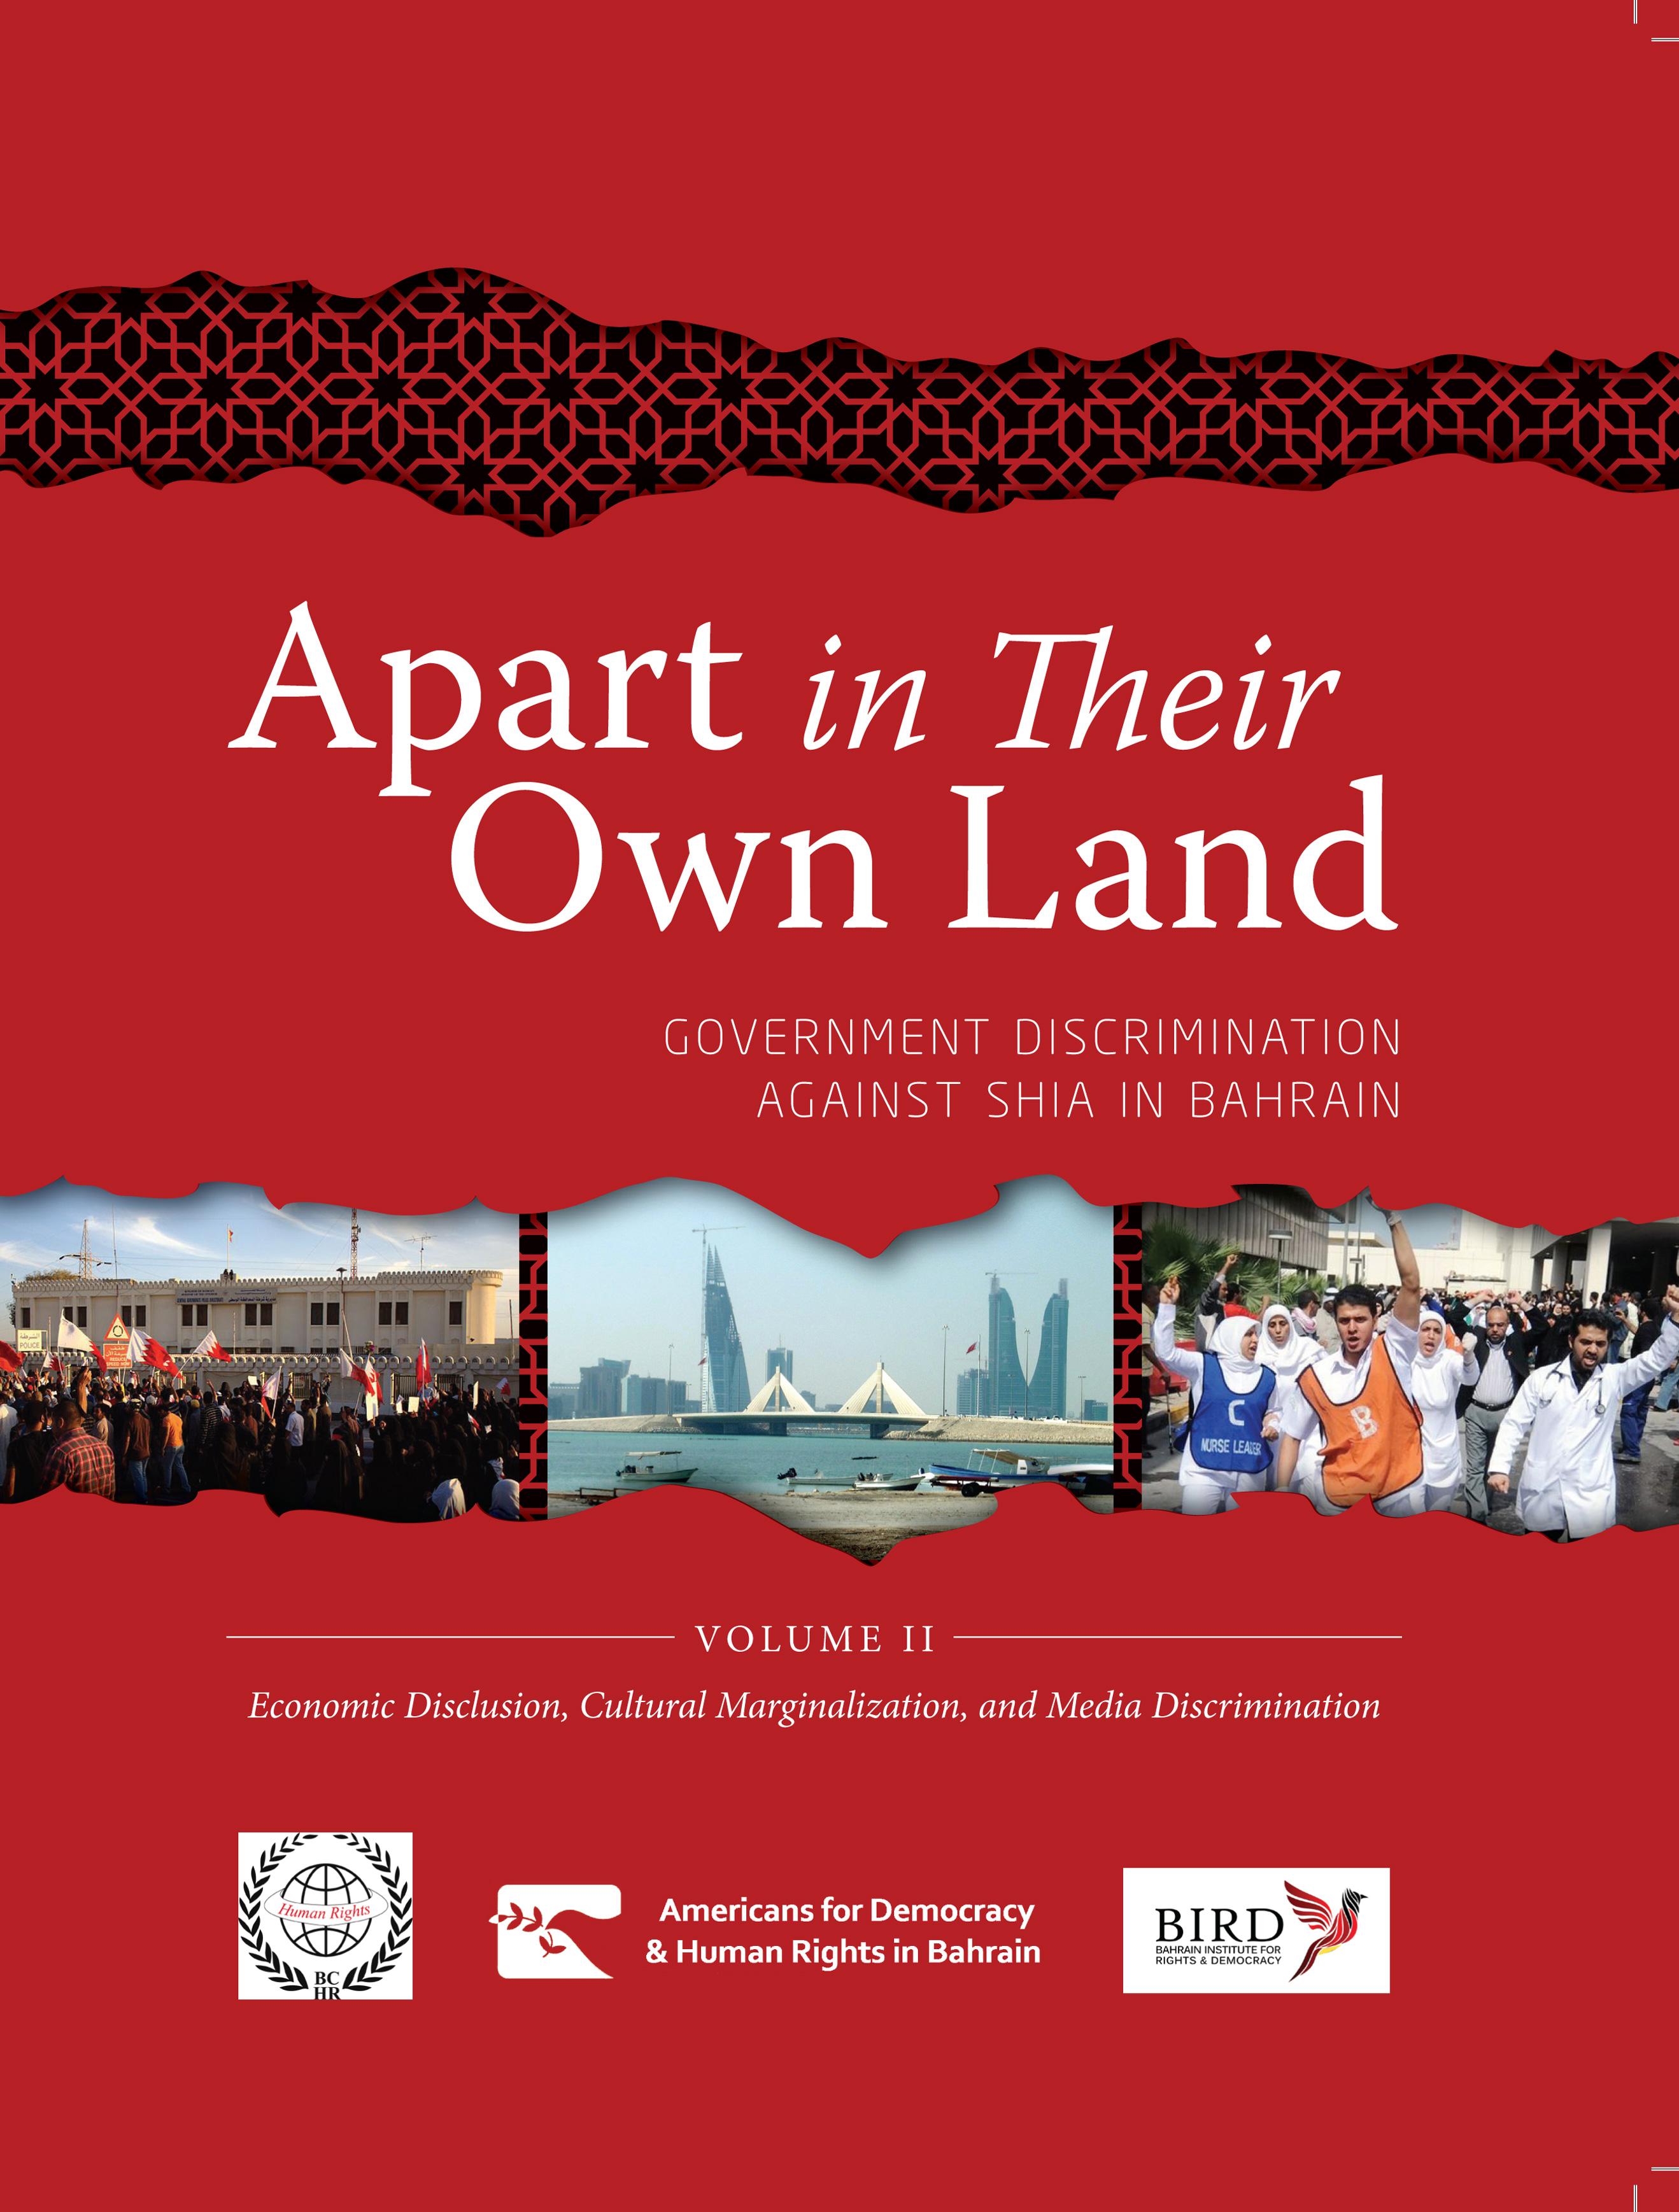 اضطهاد الشيعة في البحرين